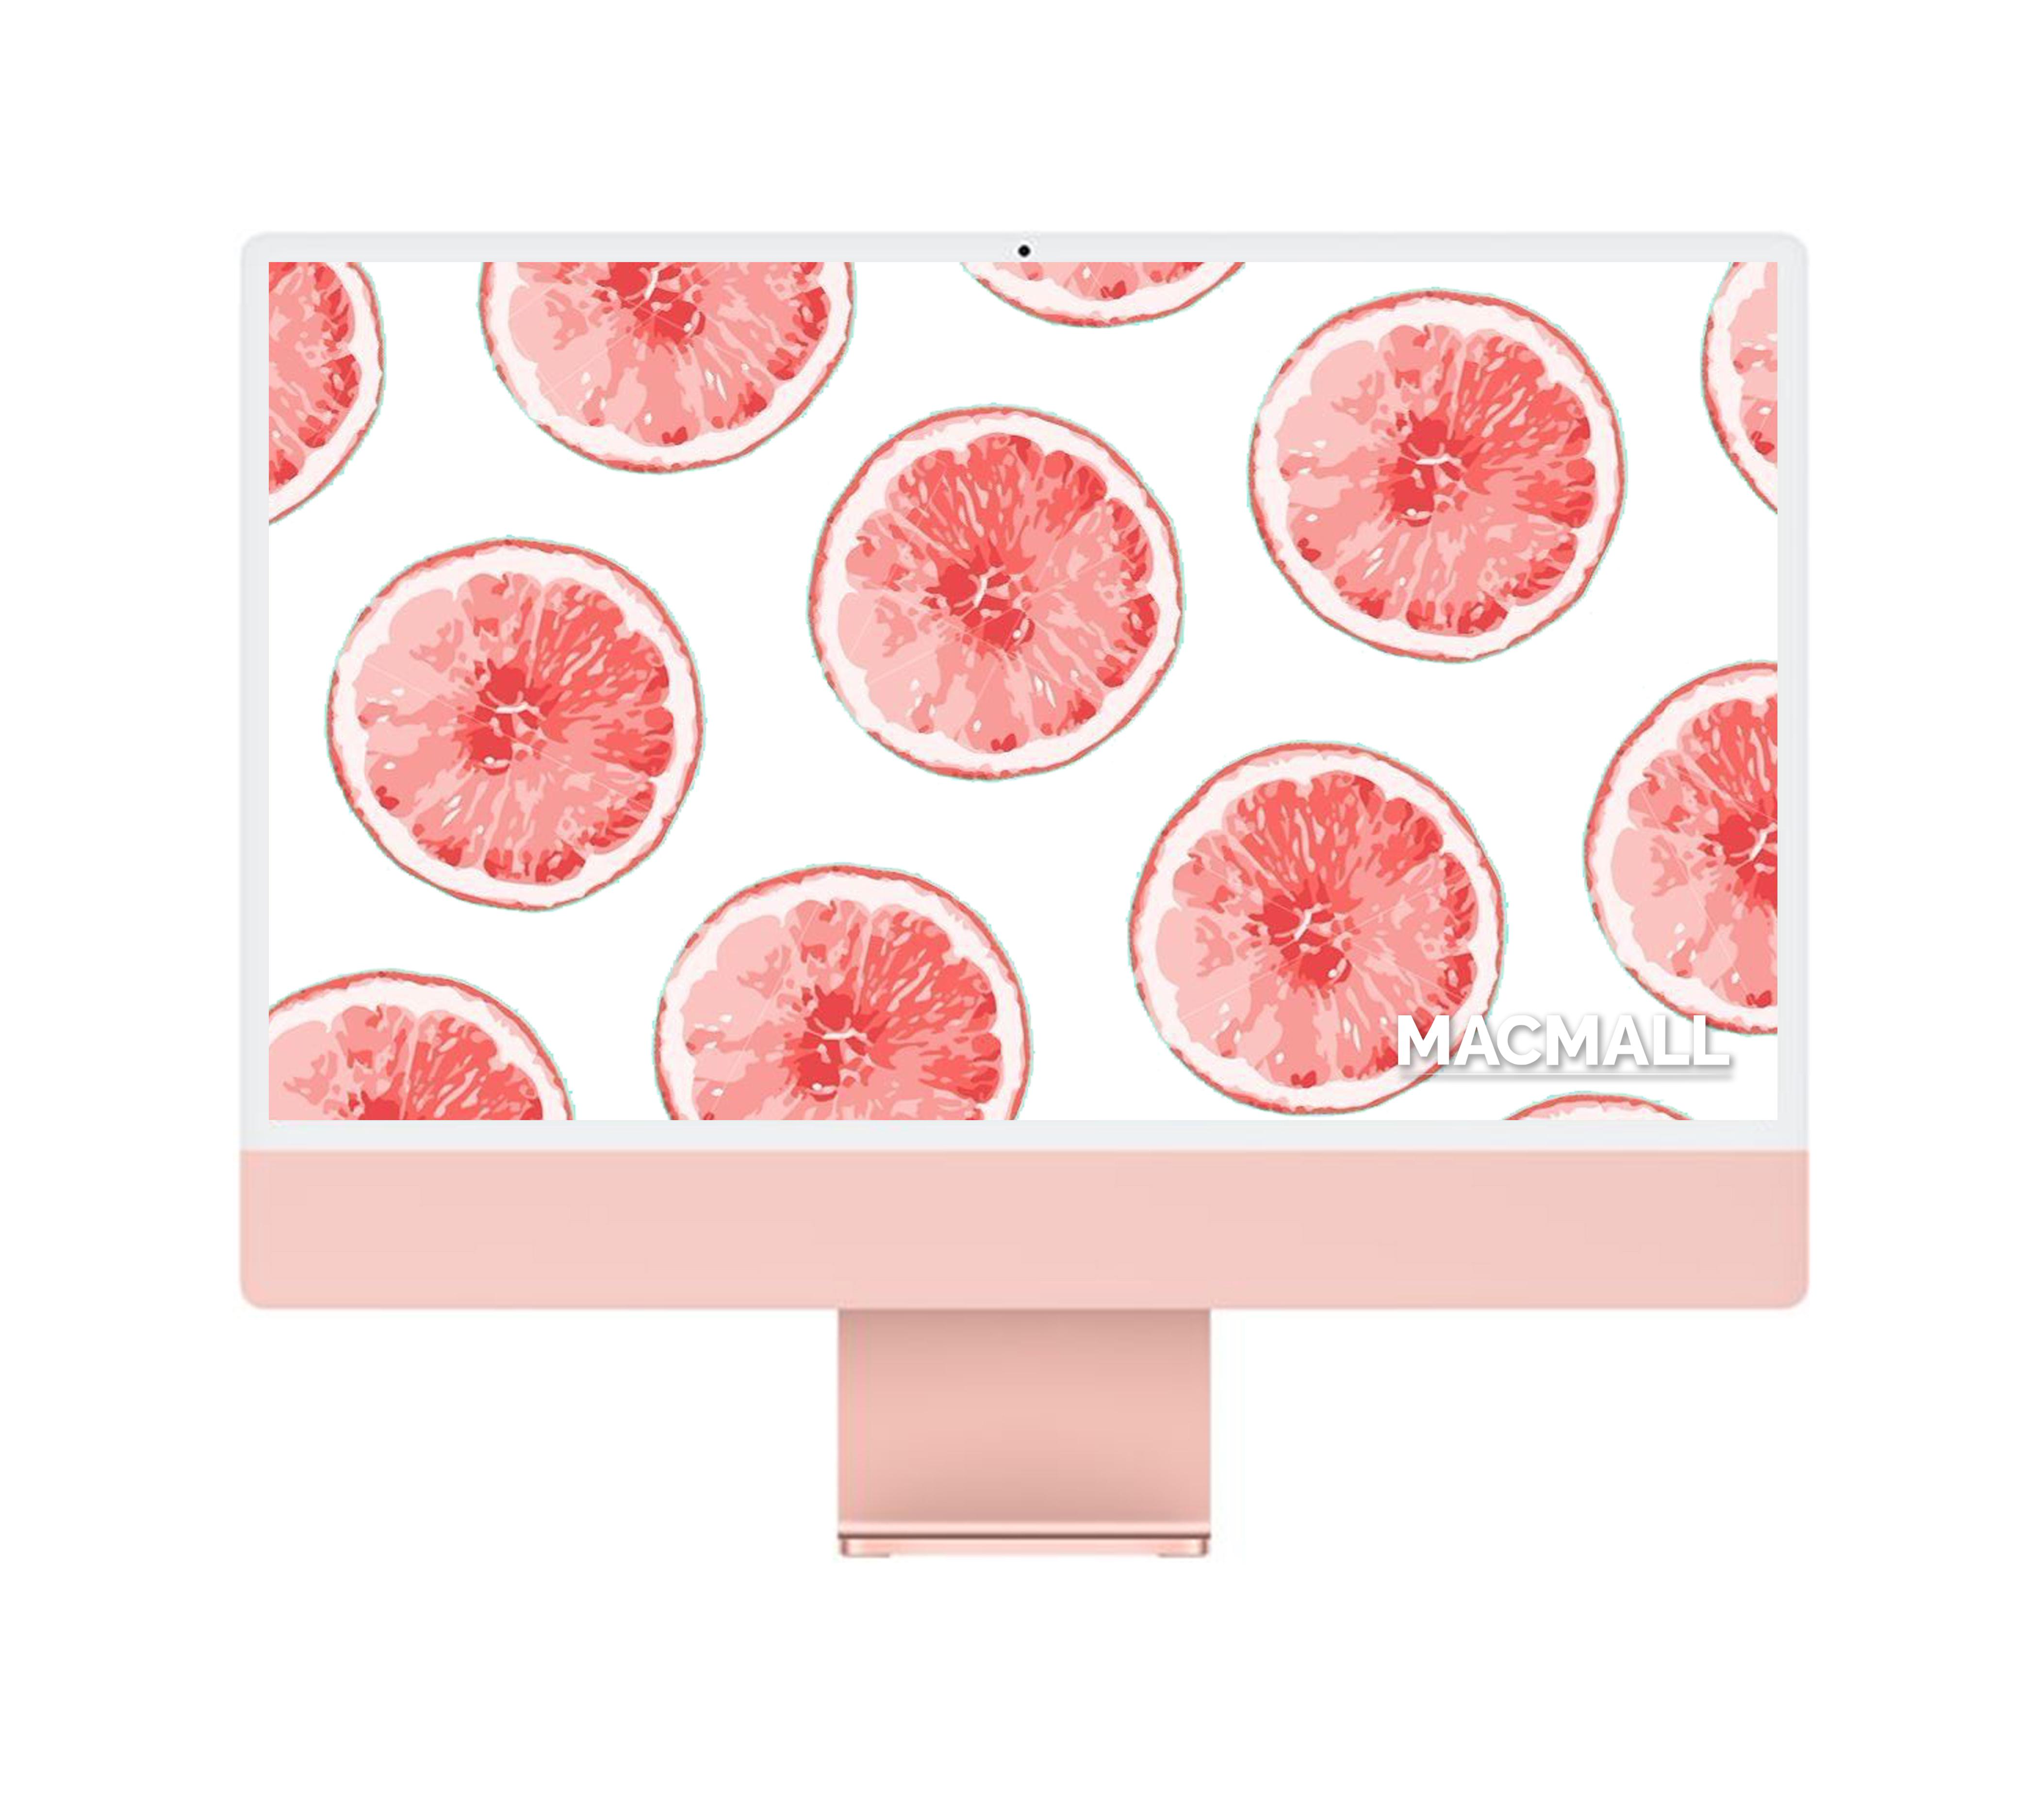 iMac 24-inch Pink 2021 M1 / 8GB / 256GB or 512GB / GPU 8-core / Retina 4.5K (MGPM3)